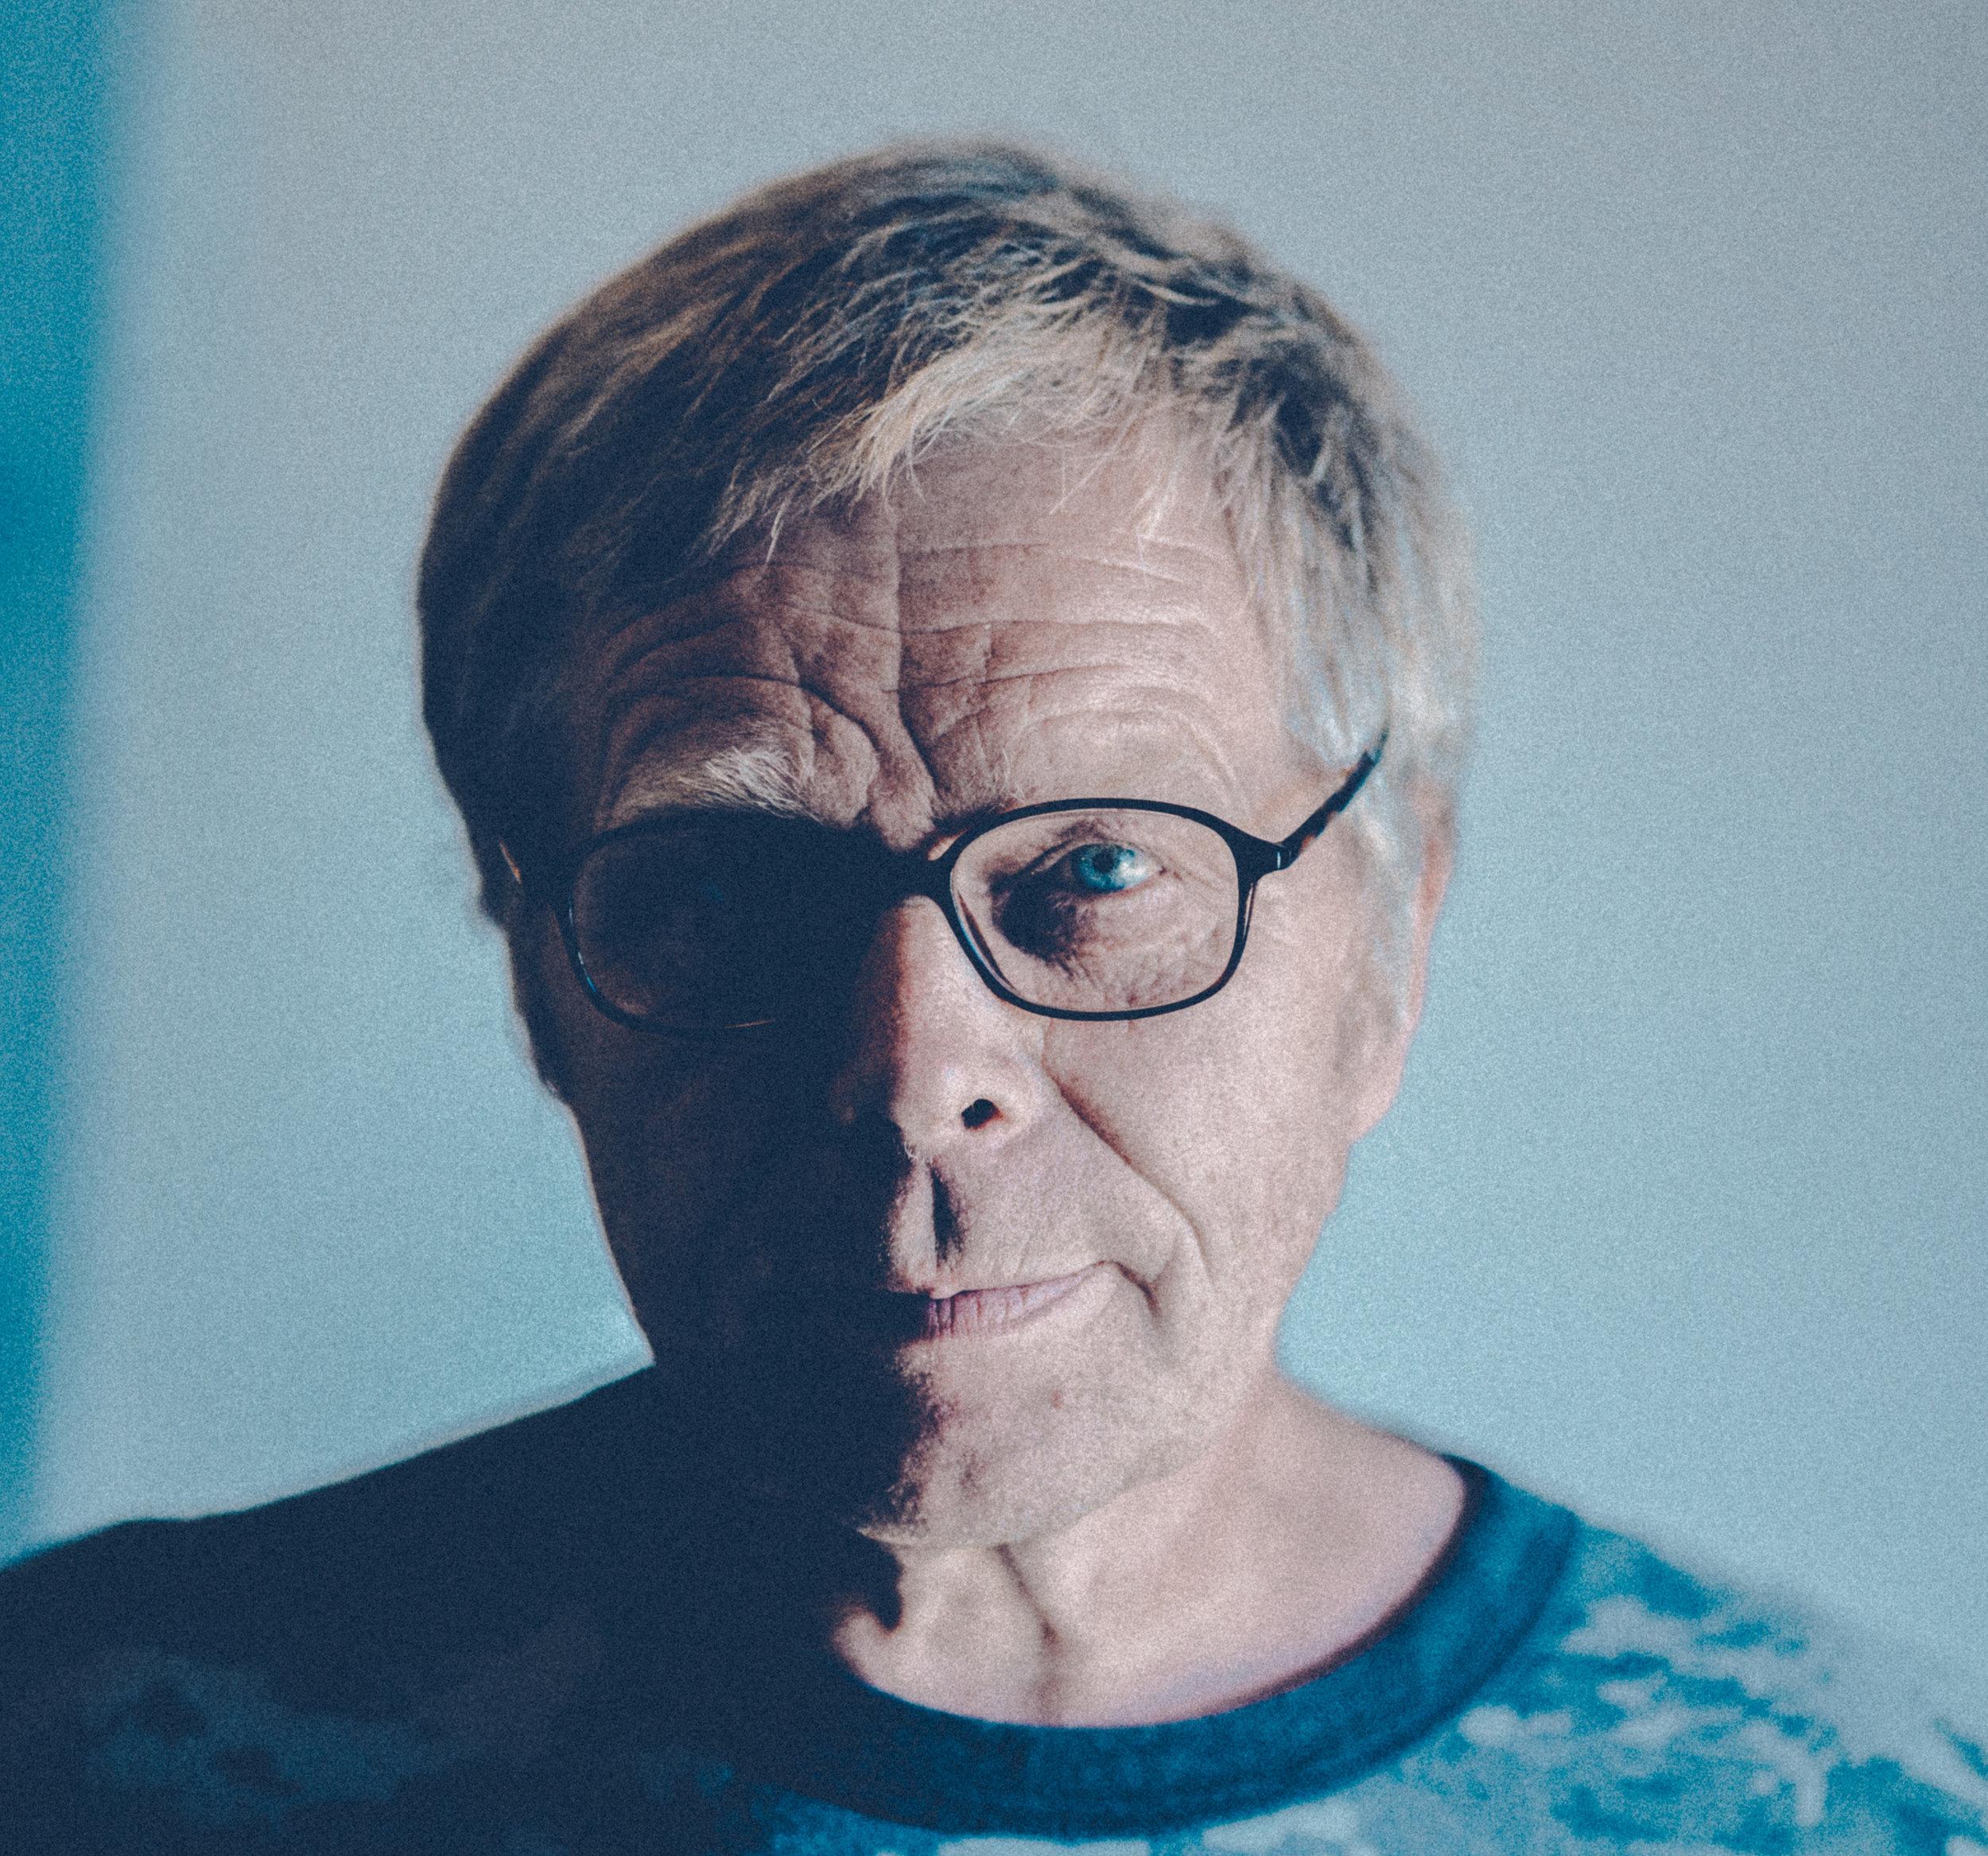 Photo by: Martin Losvik